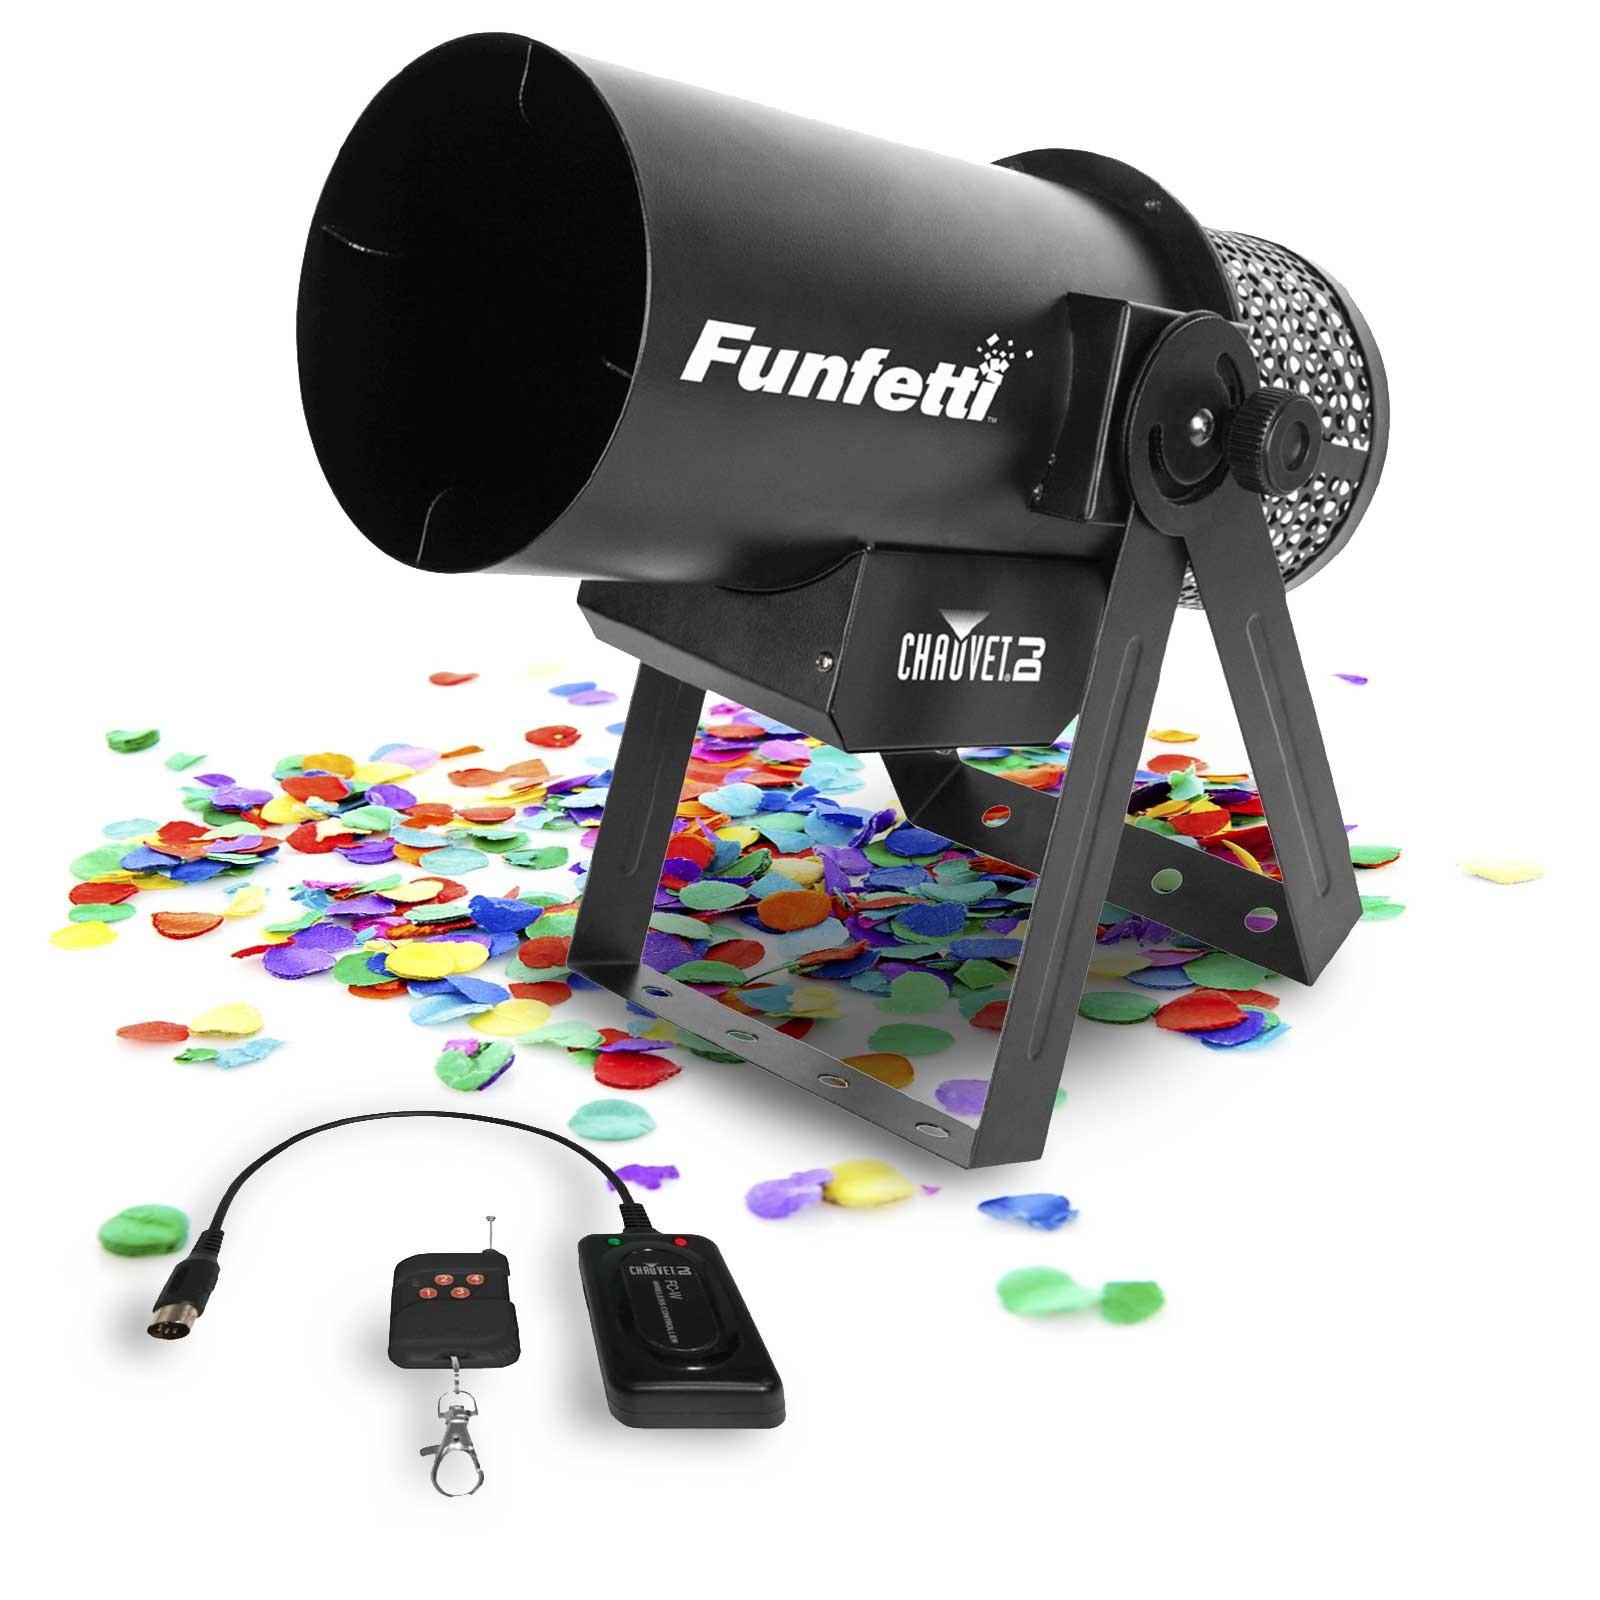 chauvet-dj-funfetti-confetti-blaster.jpg